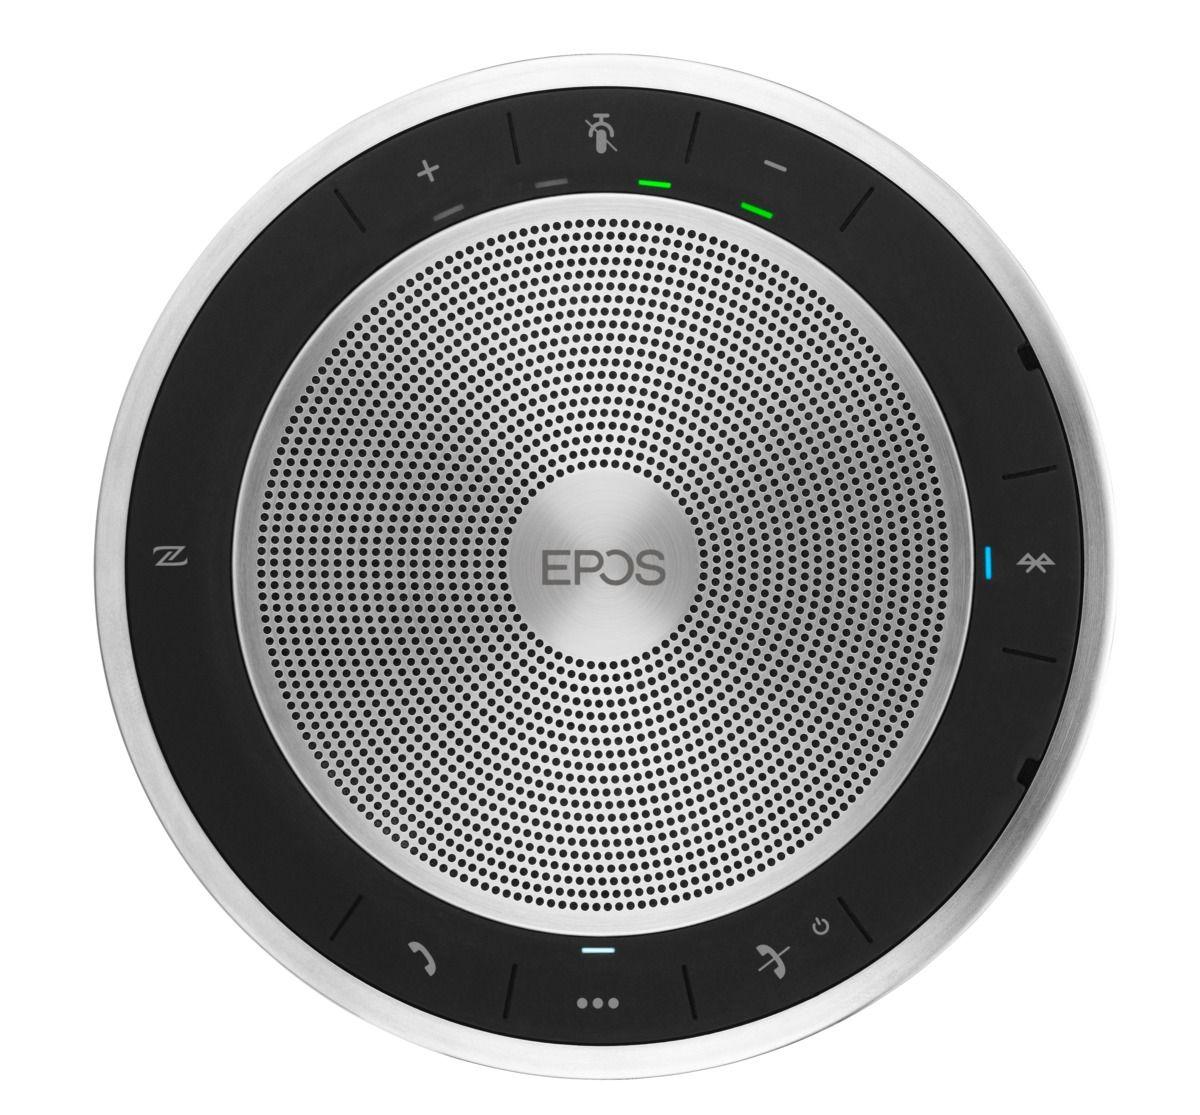 Sennheiser Epos SP 30 Speakerphone